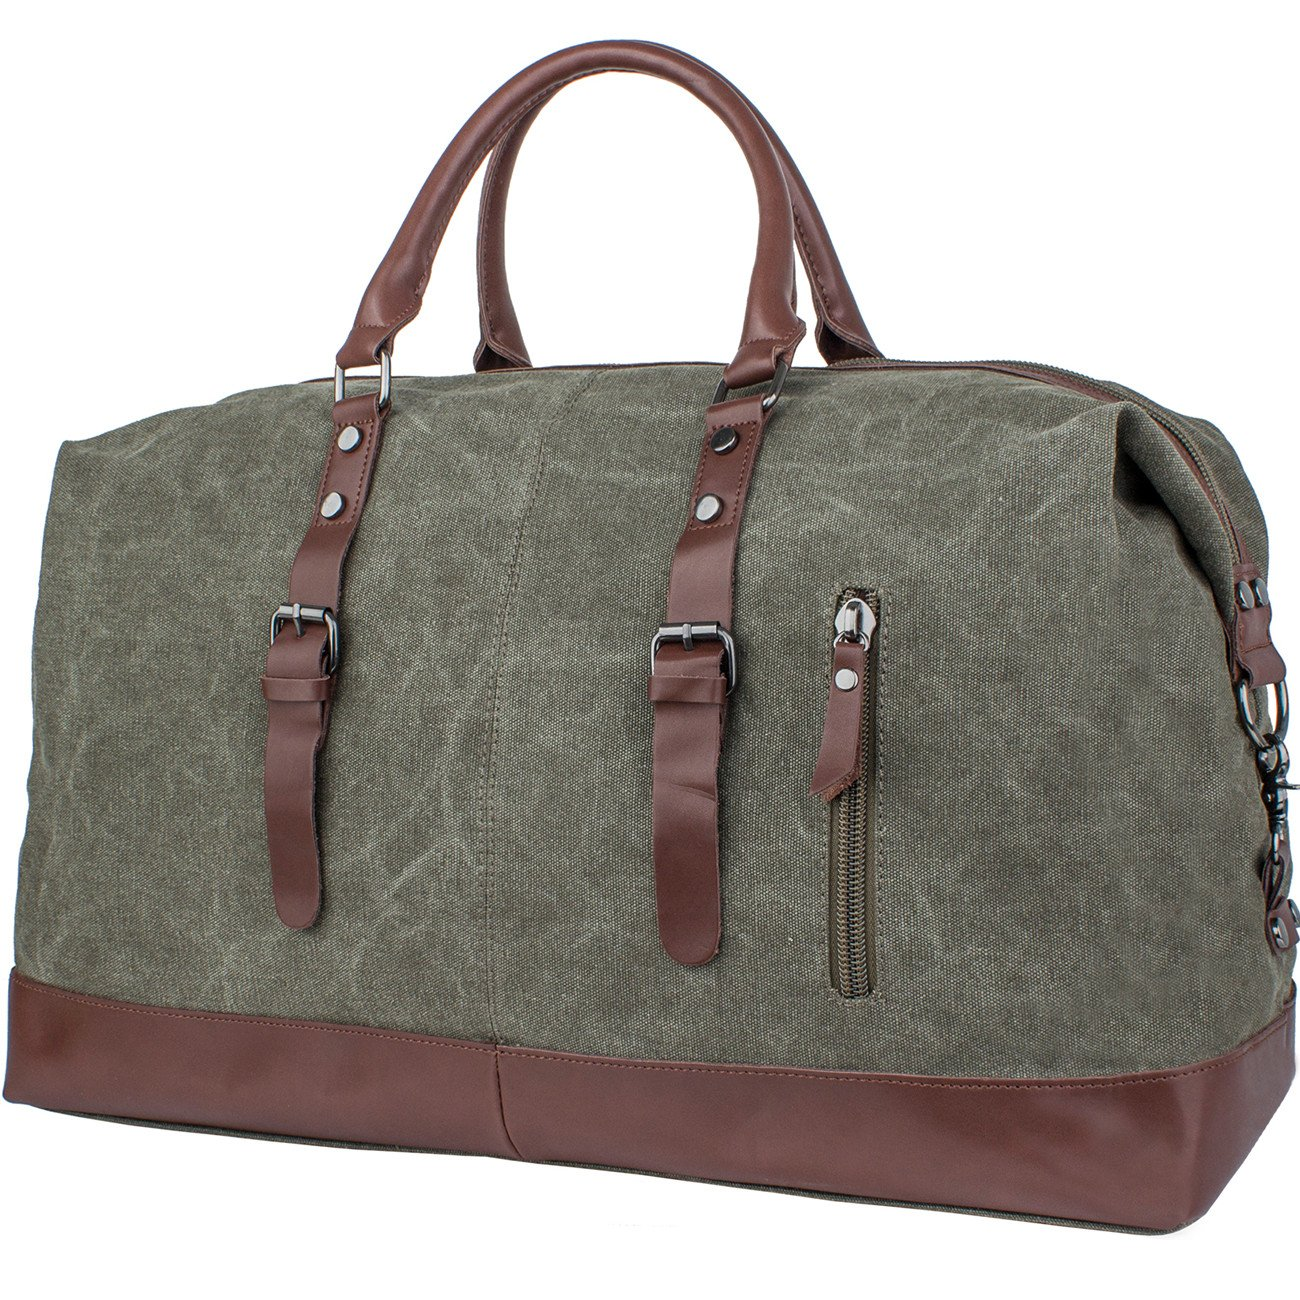 Leaper Oversized Canvas Travel Duffel Weekend Bag Tote Satchel Shoulder Handbag Holdall Weekender (Army Green)